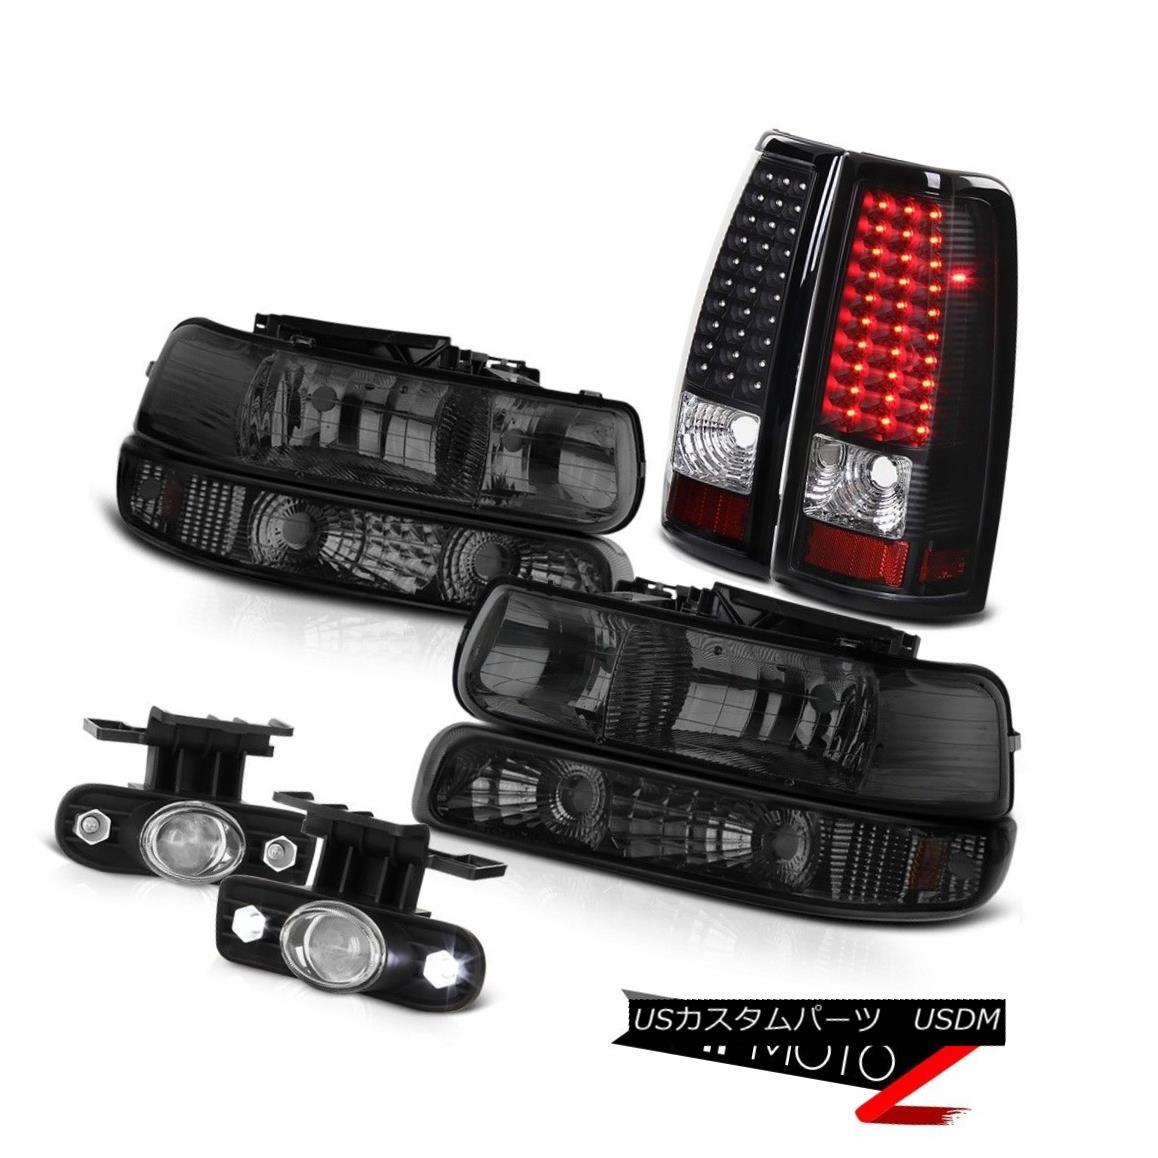 ヘッドライト Matte Black Rear LED Tail Light Brake Lamp Projector Foglights Smoke Headlights マットブラックリアLEDテールライトブレーキランププロジェクターフォグライトスモークヘッドライト